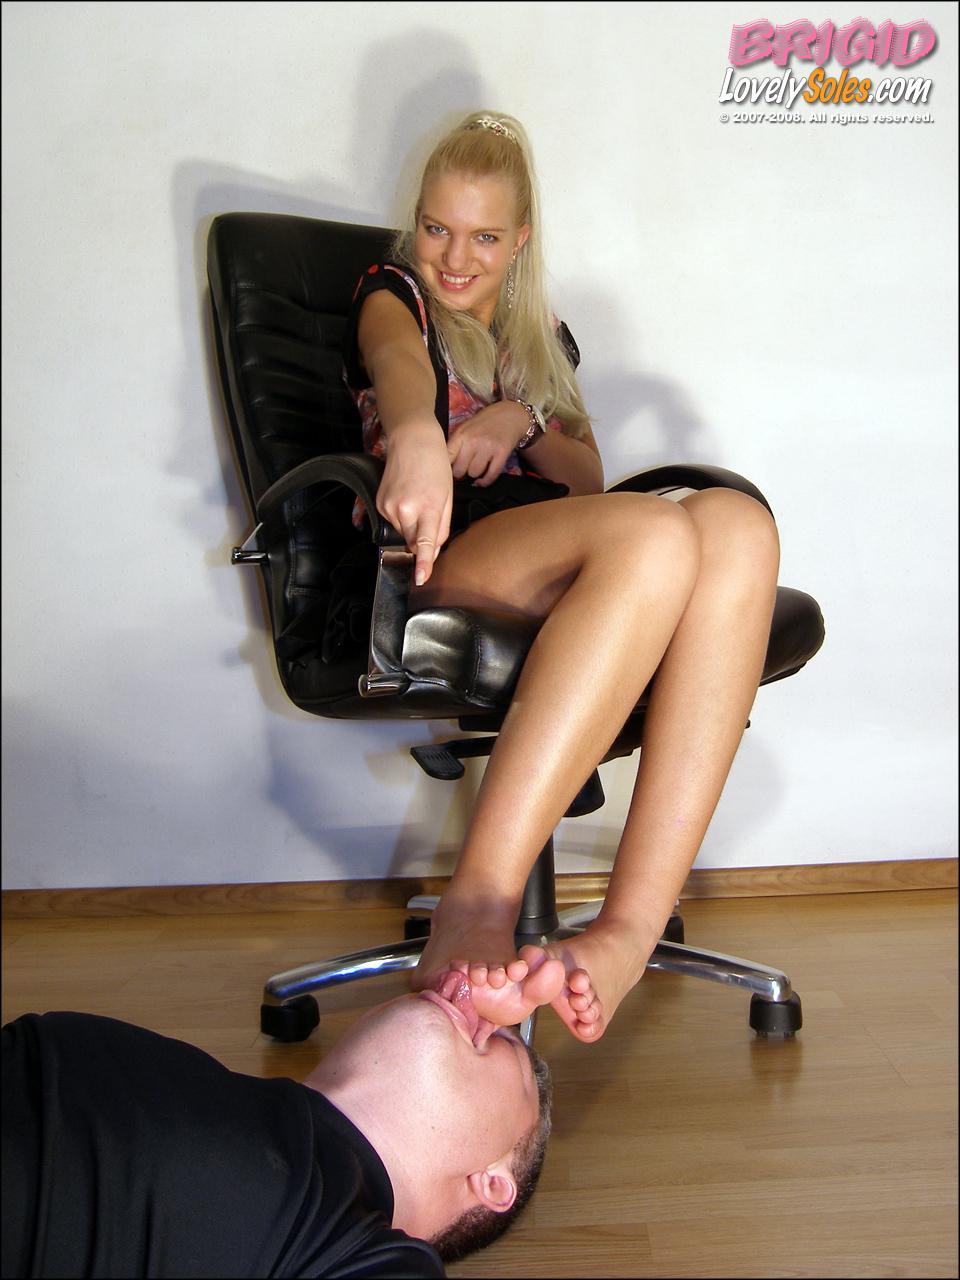 escort girls hamilton foot fetish nz